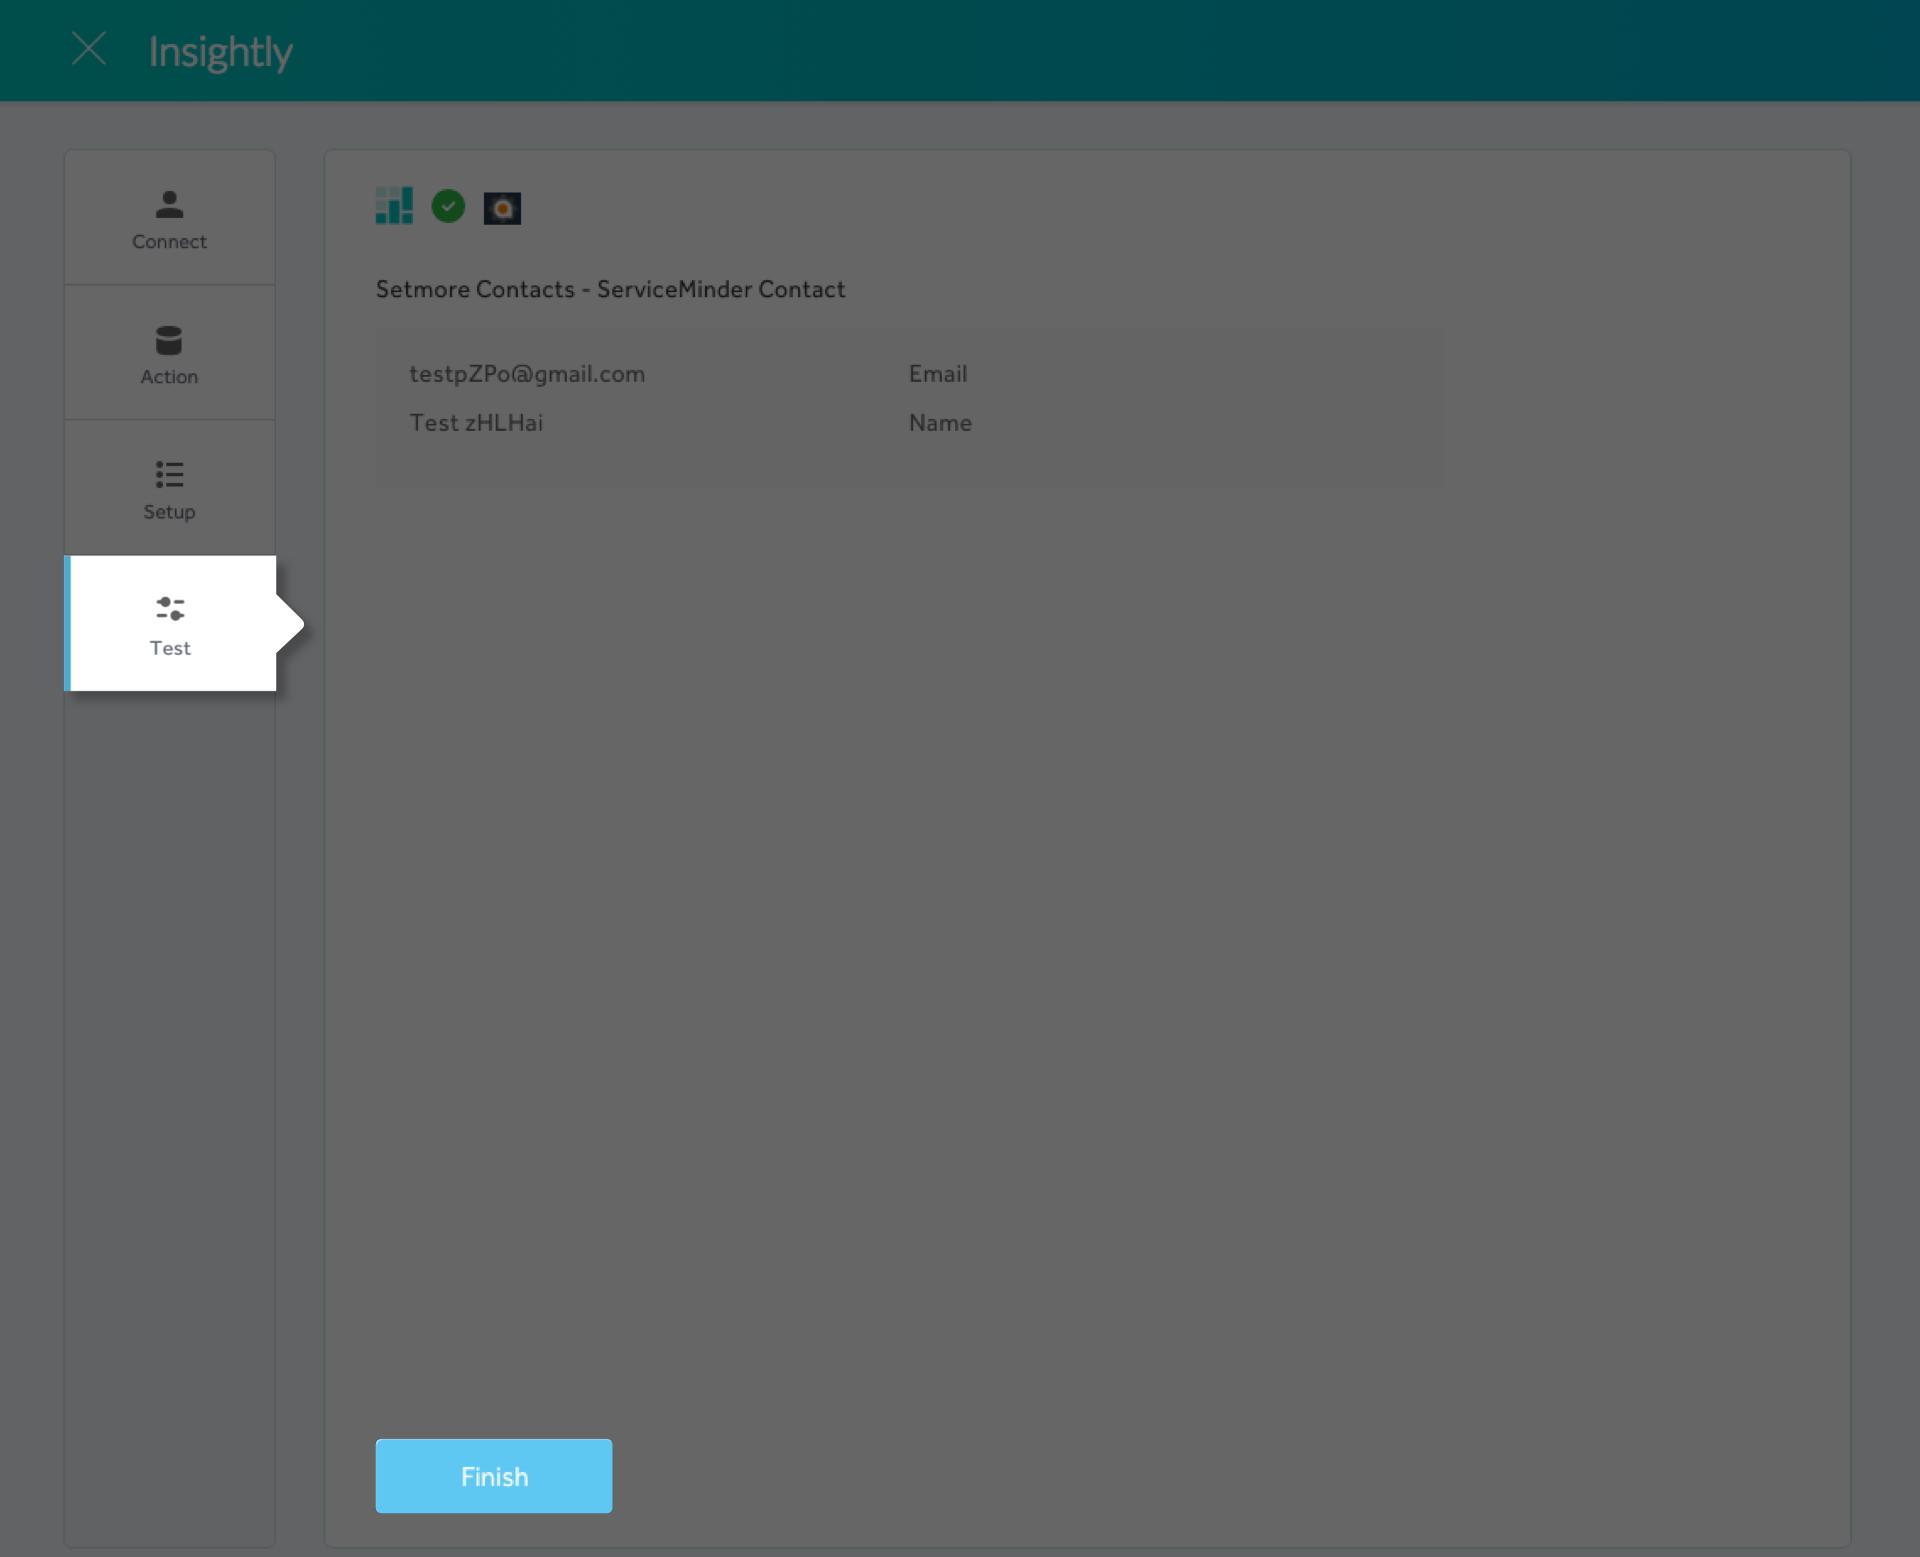 Completing the Setmore-Serviceminder integration setup